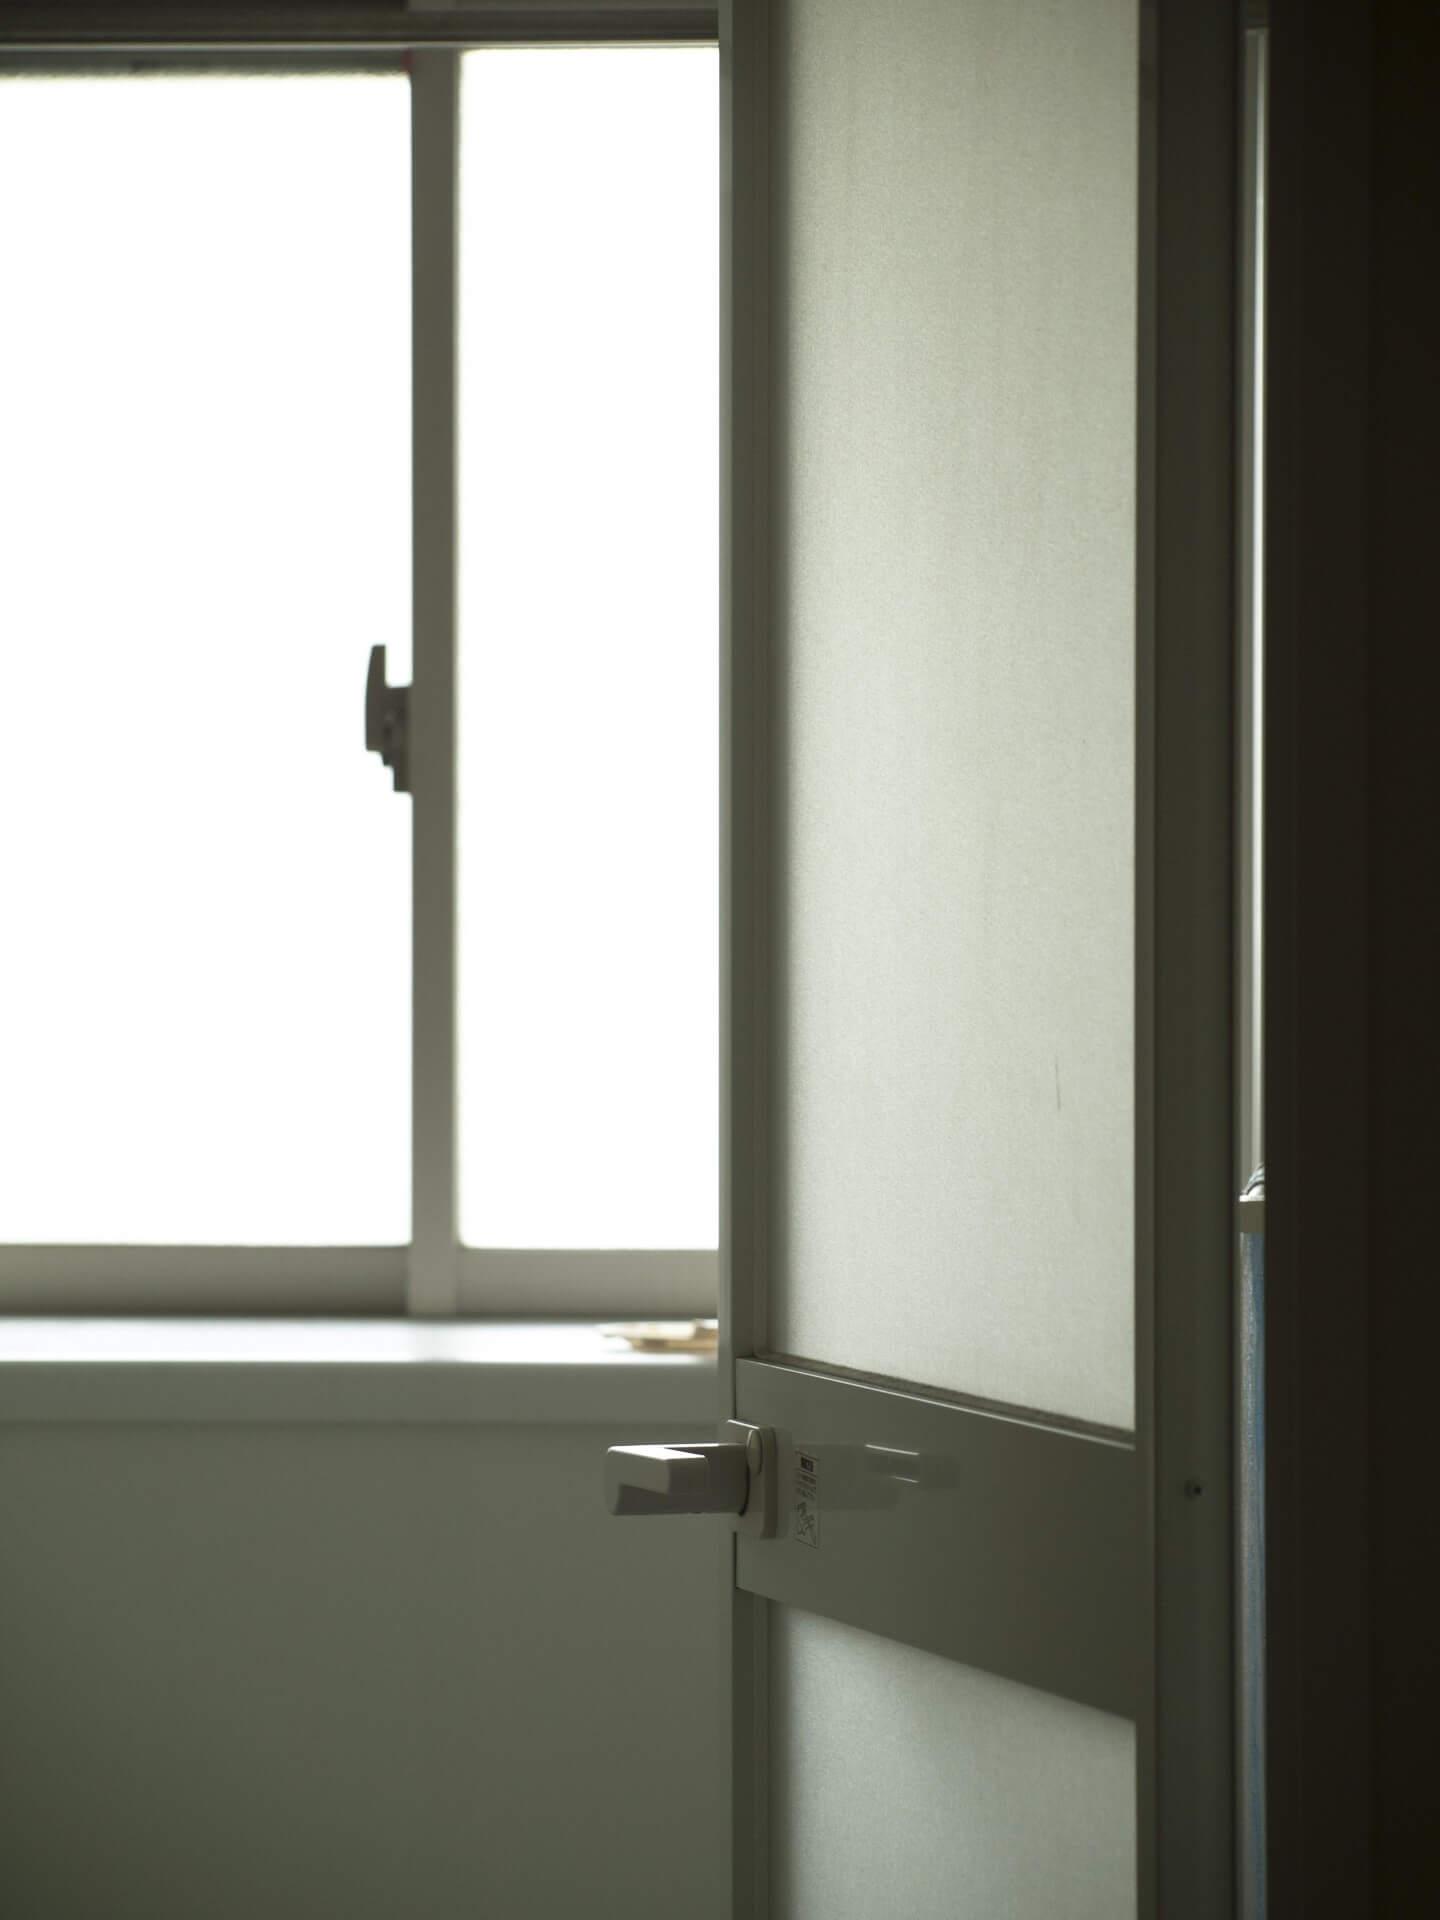 お風呂のドア修理費用は?ガラスやパーツ交換完全マニュアル